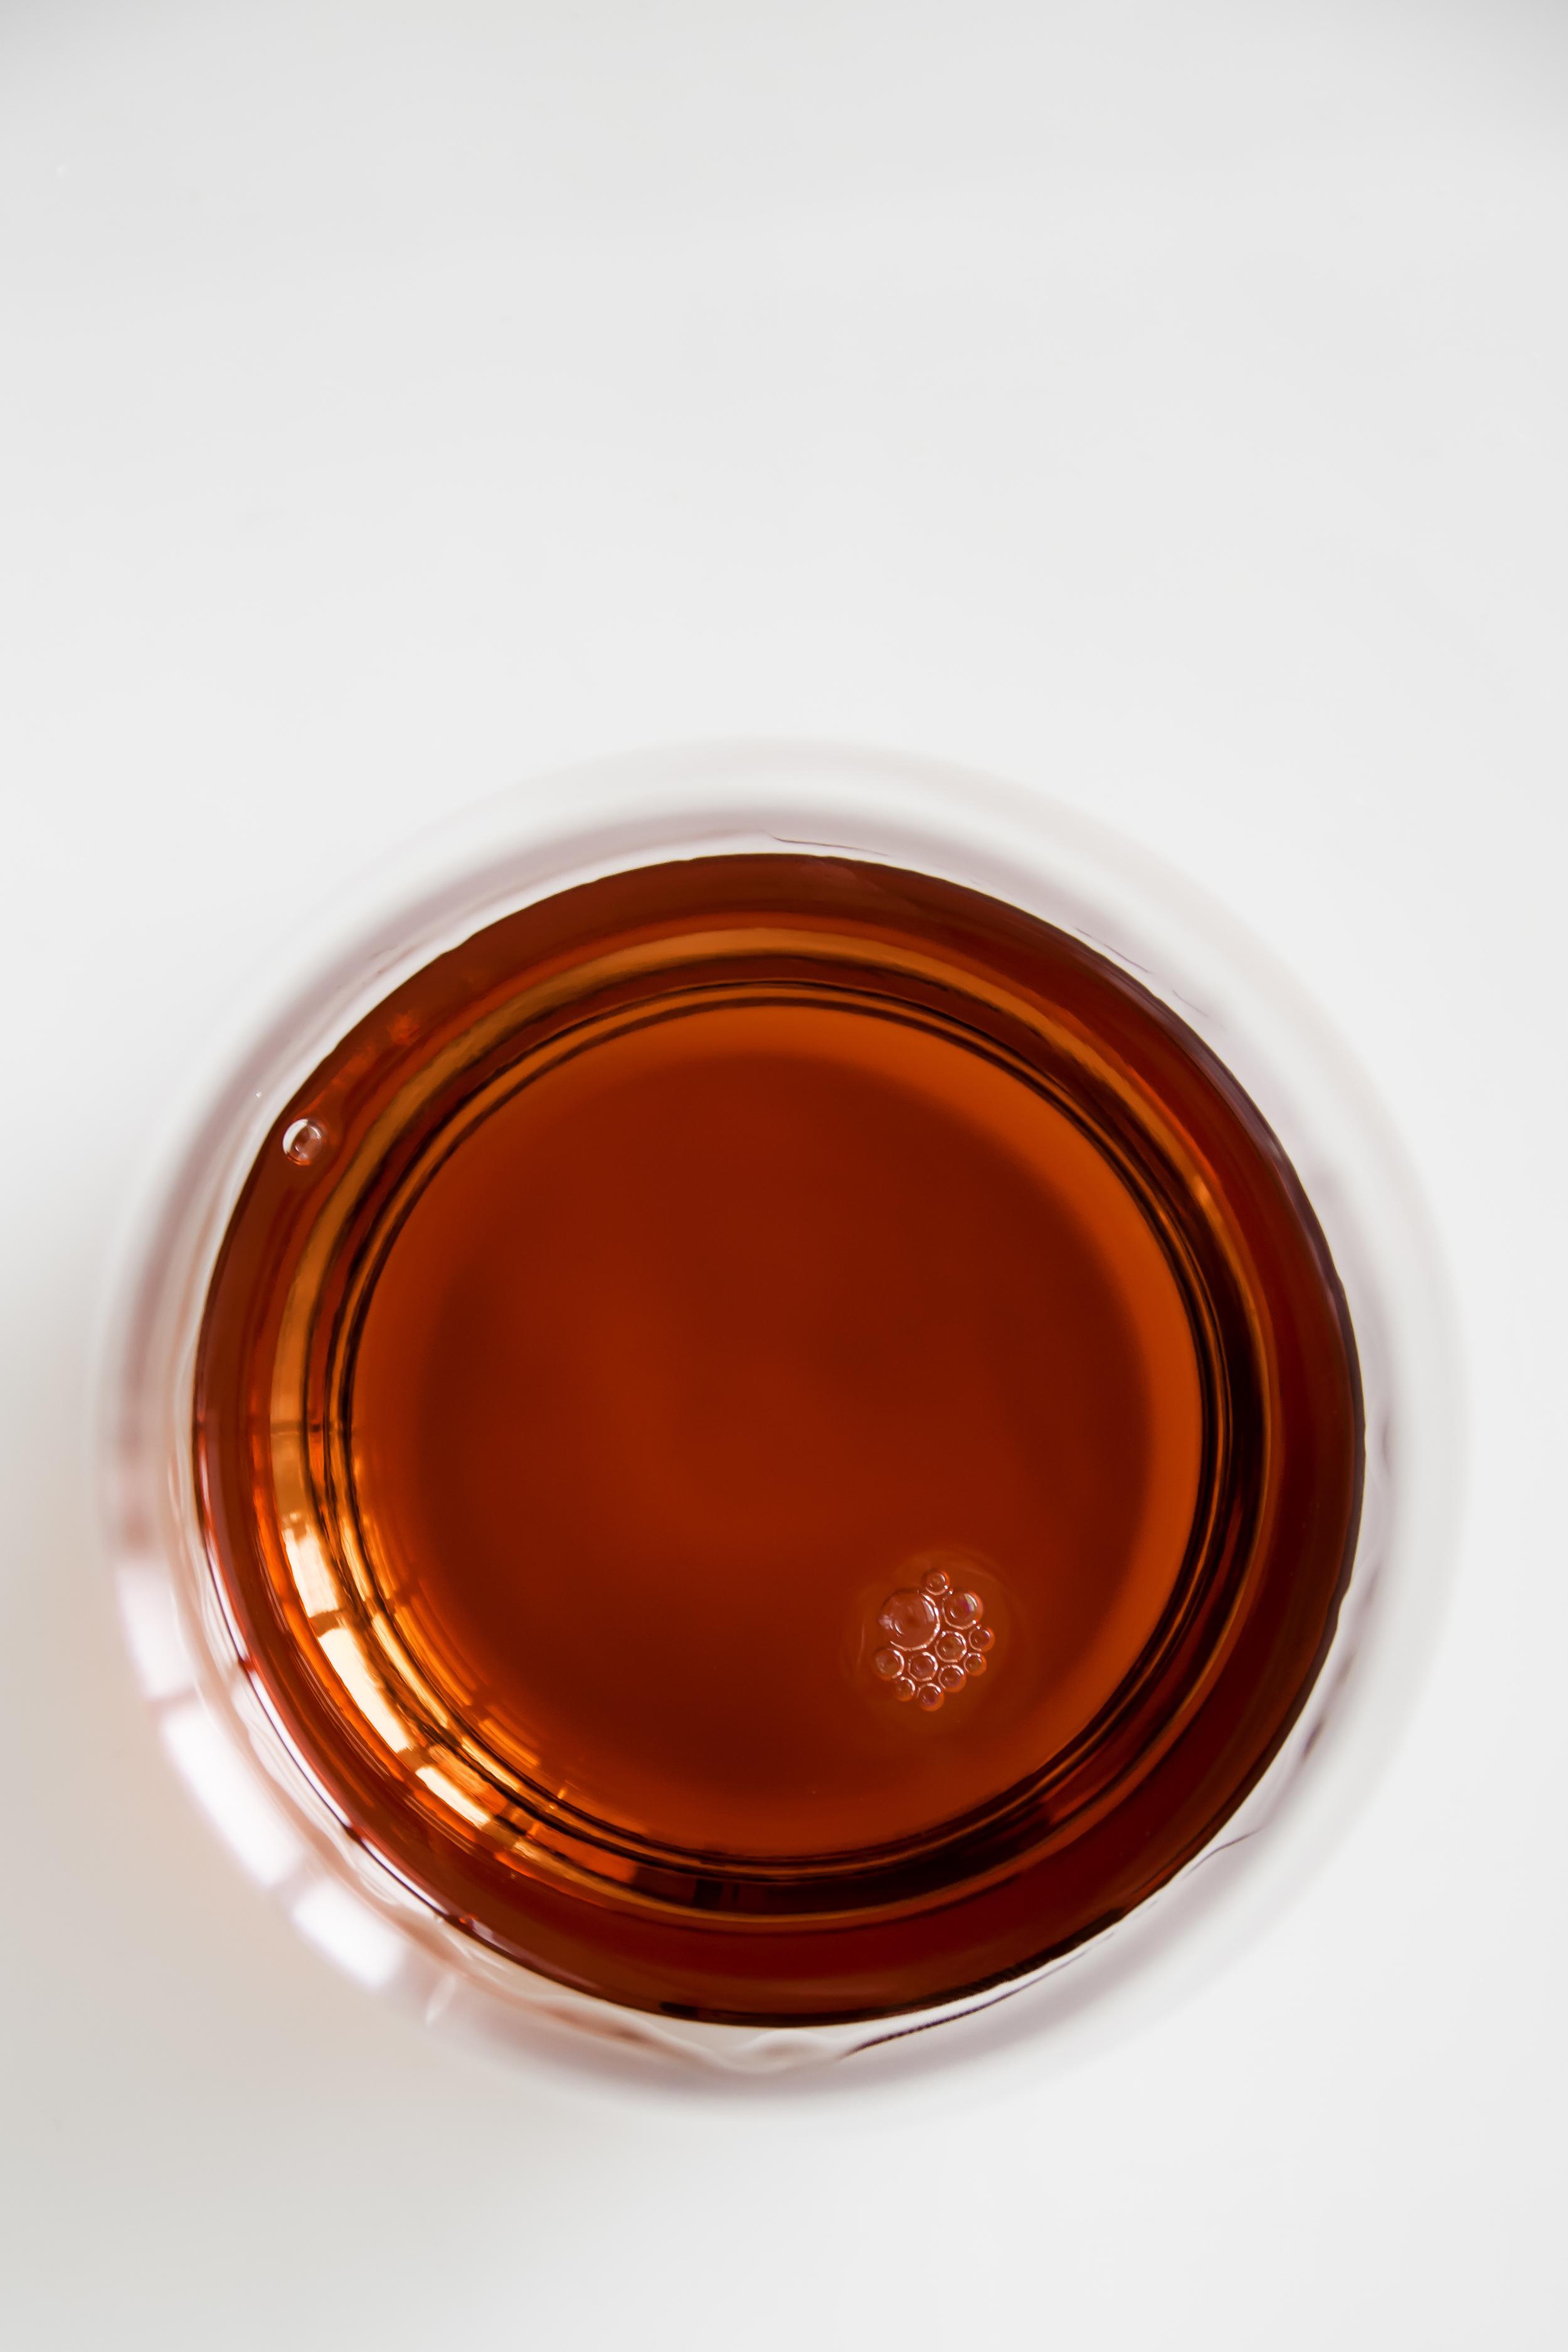 Hetzelfde glas Campari van bovenaf gefotografeerd. Let op het kleine trosje bubbeltjes.